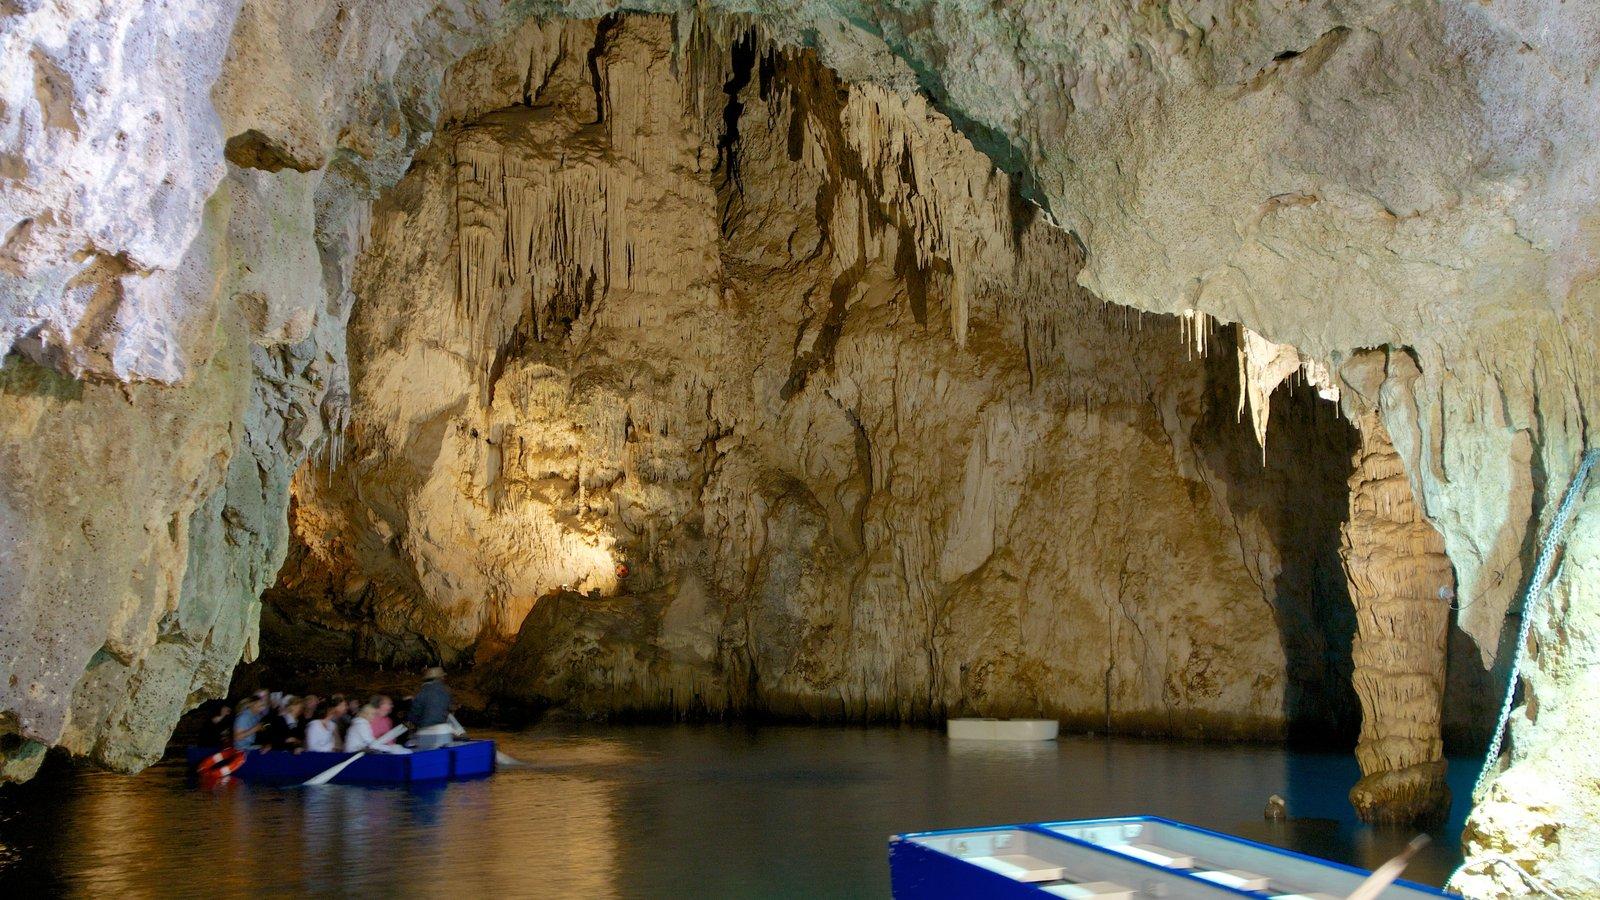 Emerald Grotto mostrando vistas internas, cavernas e canoagem